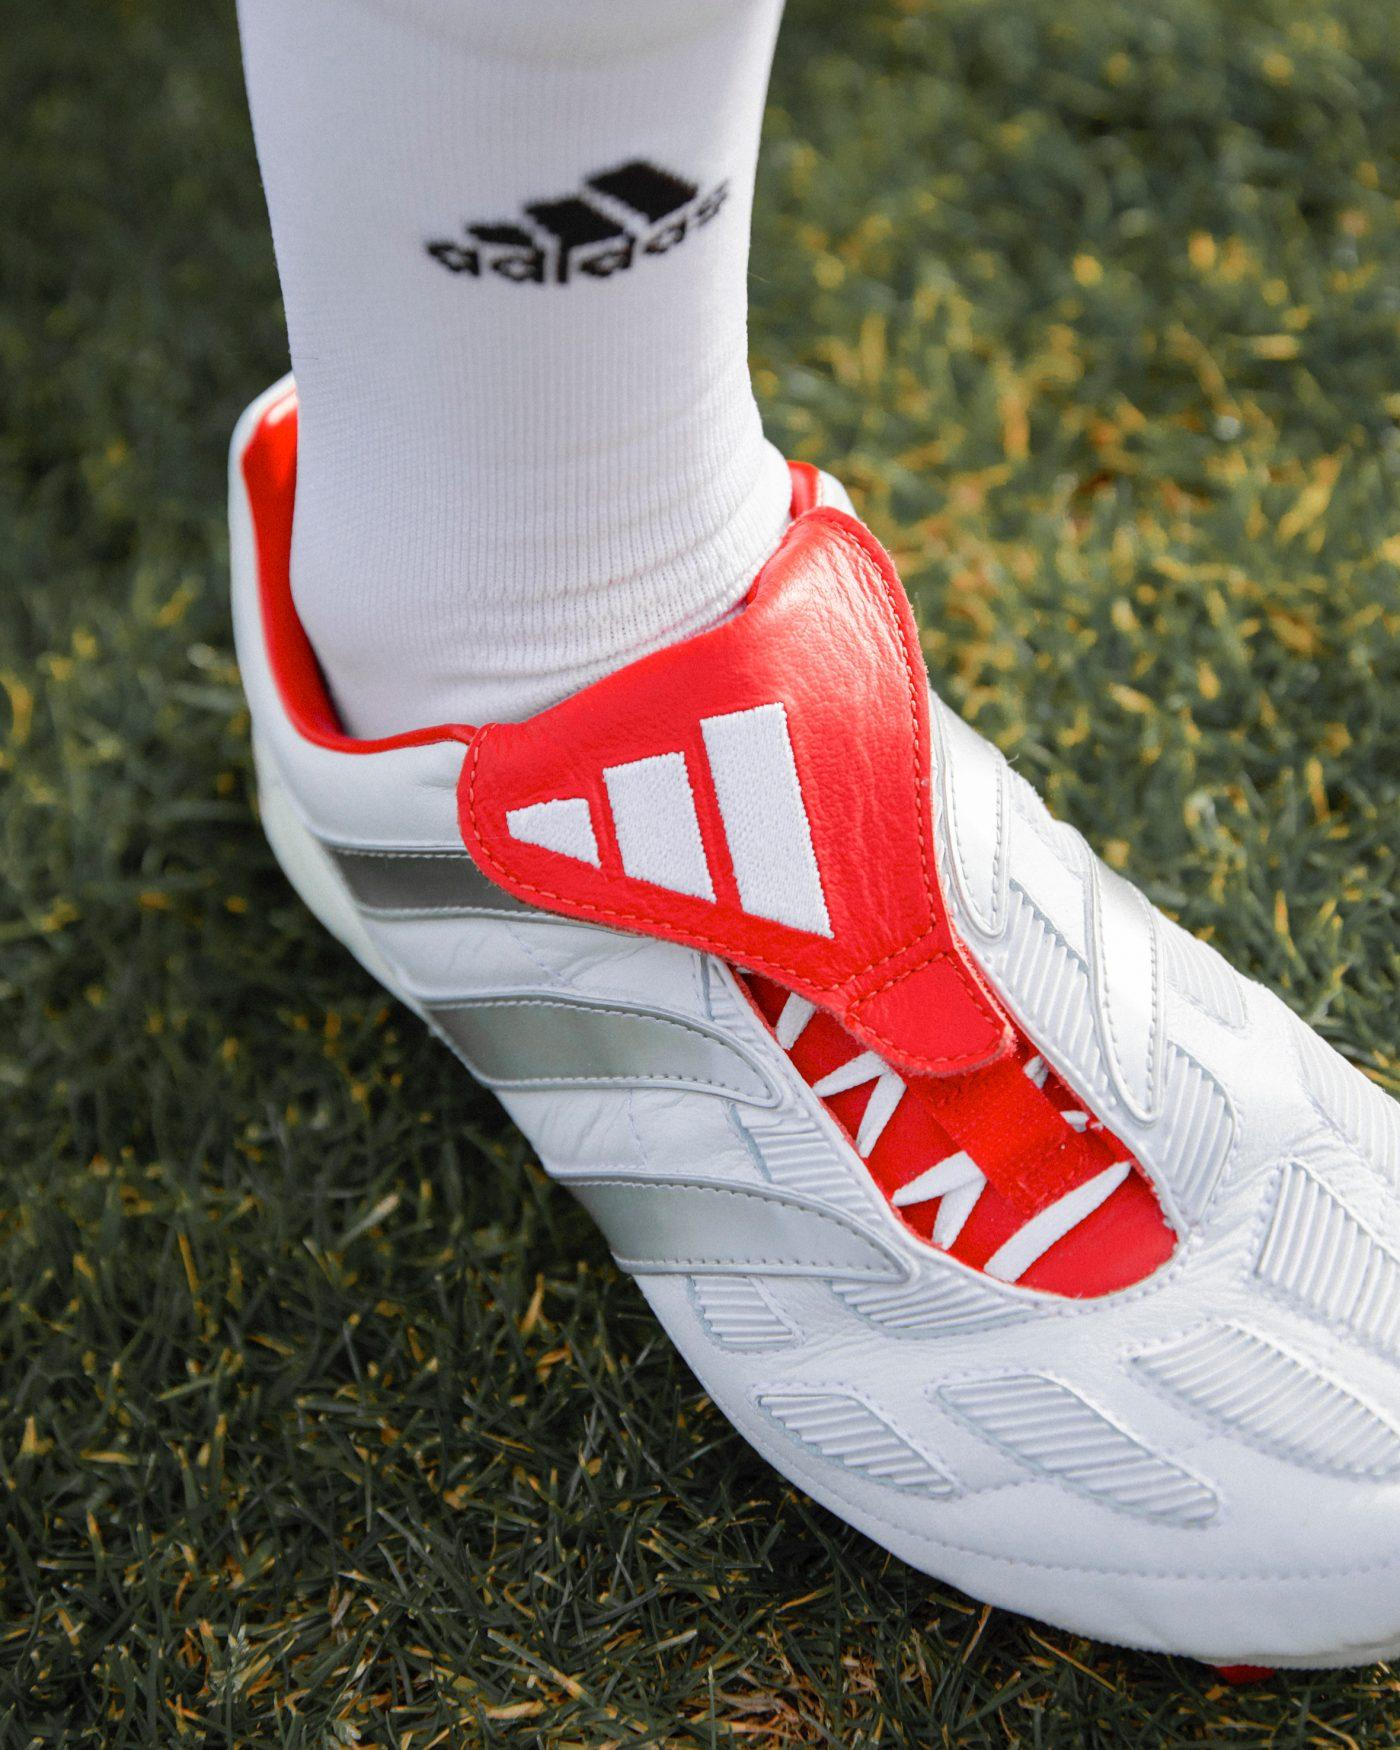 adidas-predator-precision-david-beckham-25-ans-predator-5